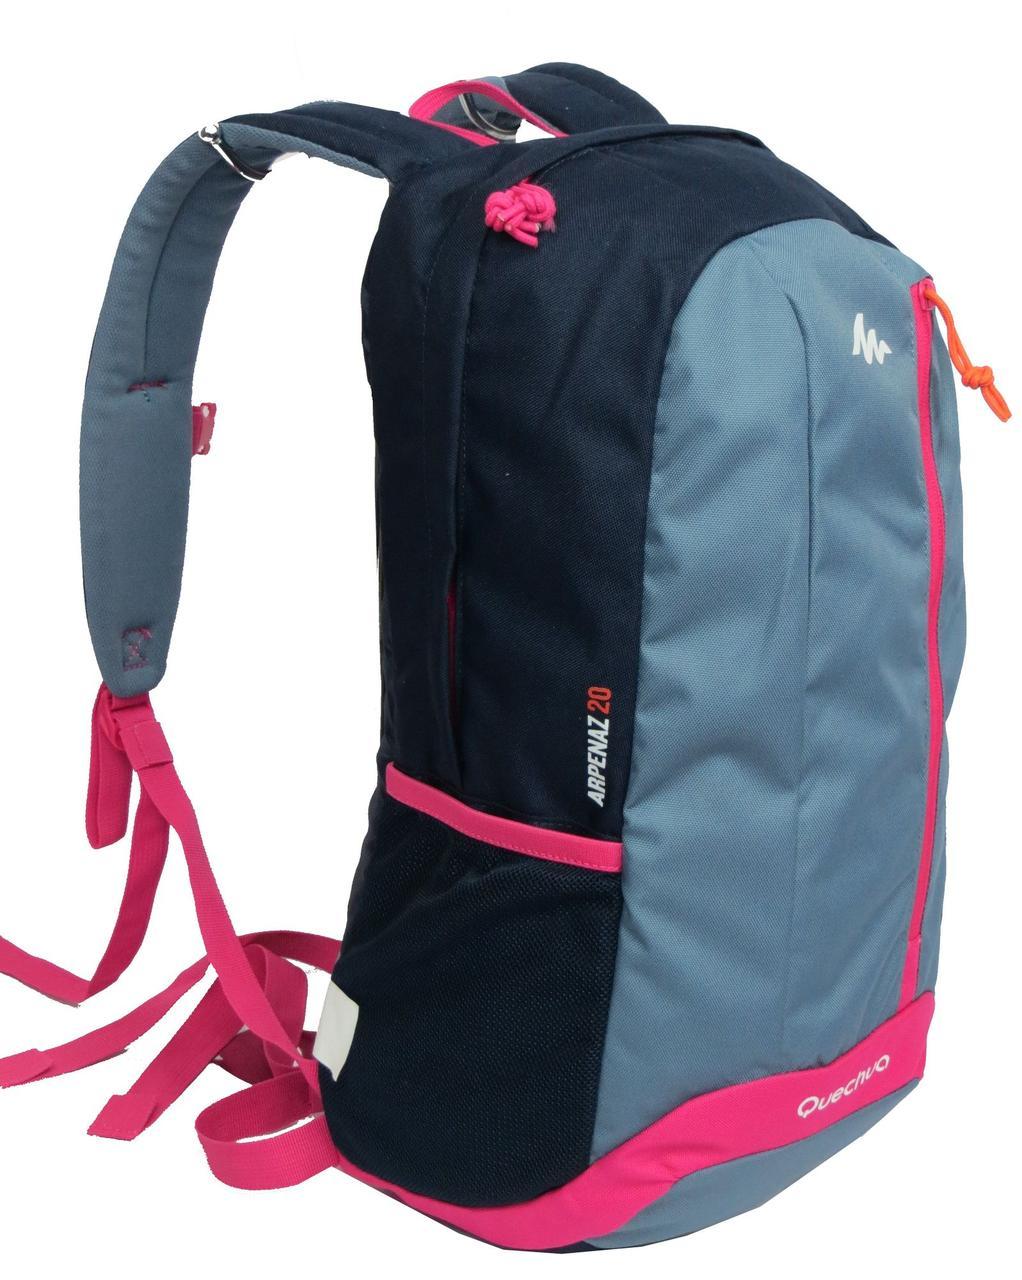 Городской рюкзак Quechua 20л. синий с серым (рюкзак для спорта, спорти